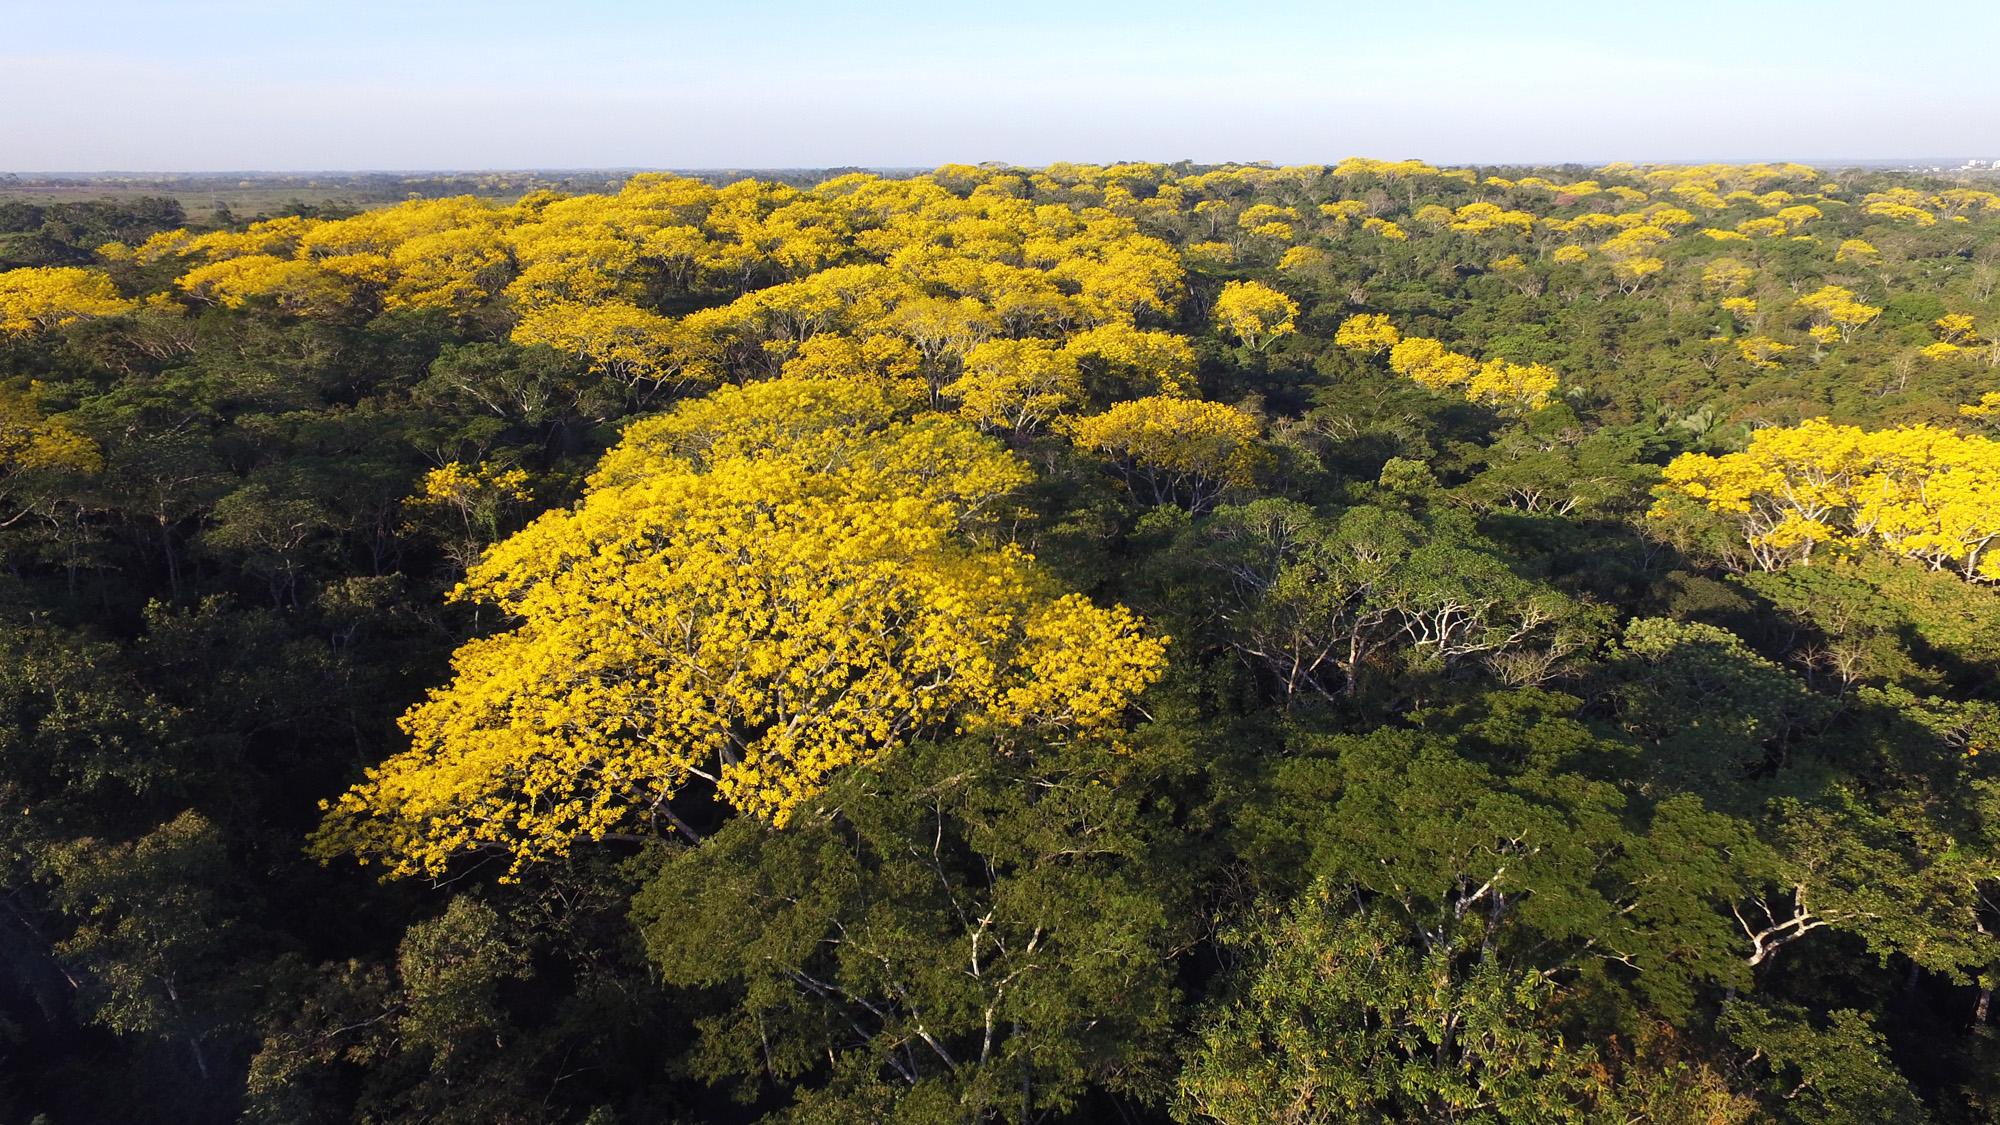 Sema lança consulta pública para concessão florestal em Tarauacá